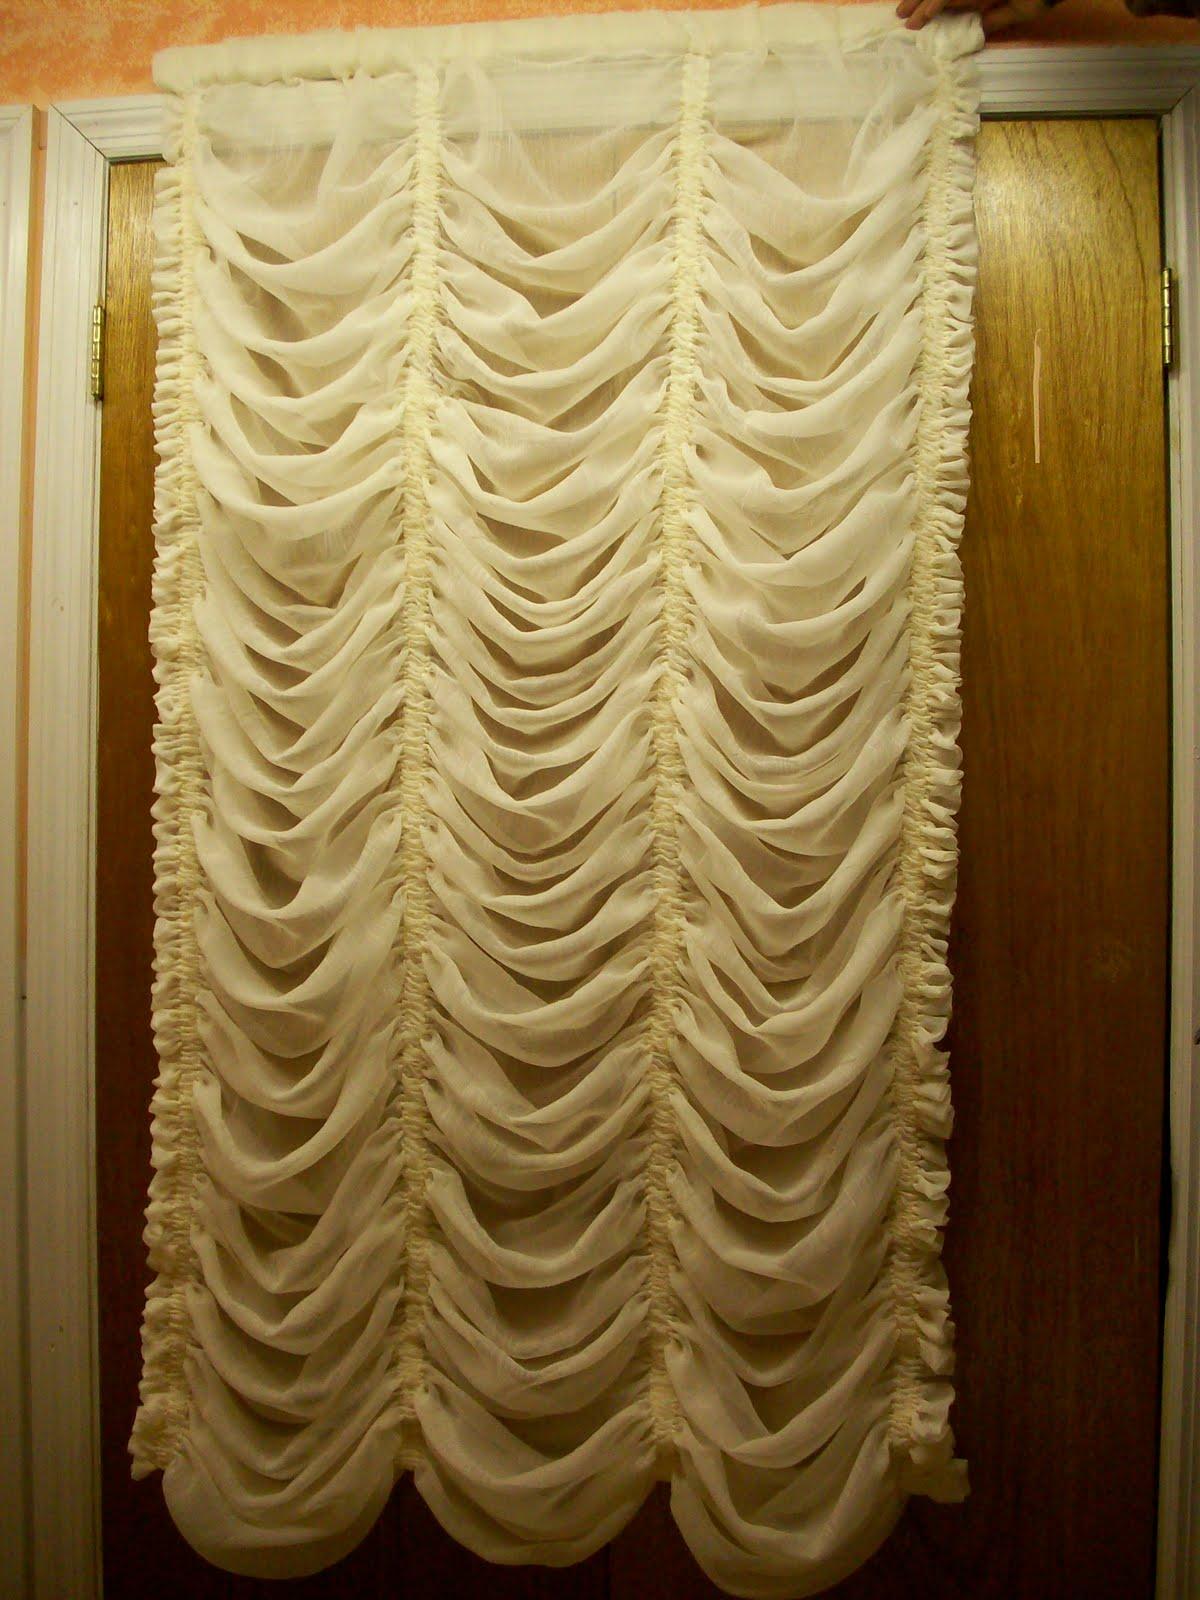 Recetas de comida mexicana y costura cortina austriaca - Que cortinas se llevan ...